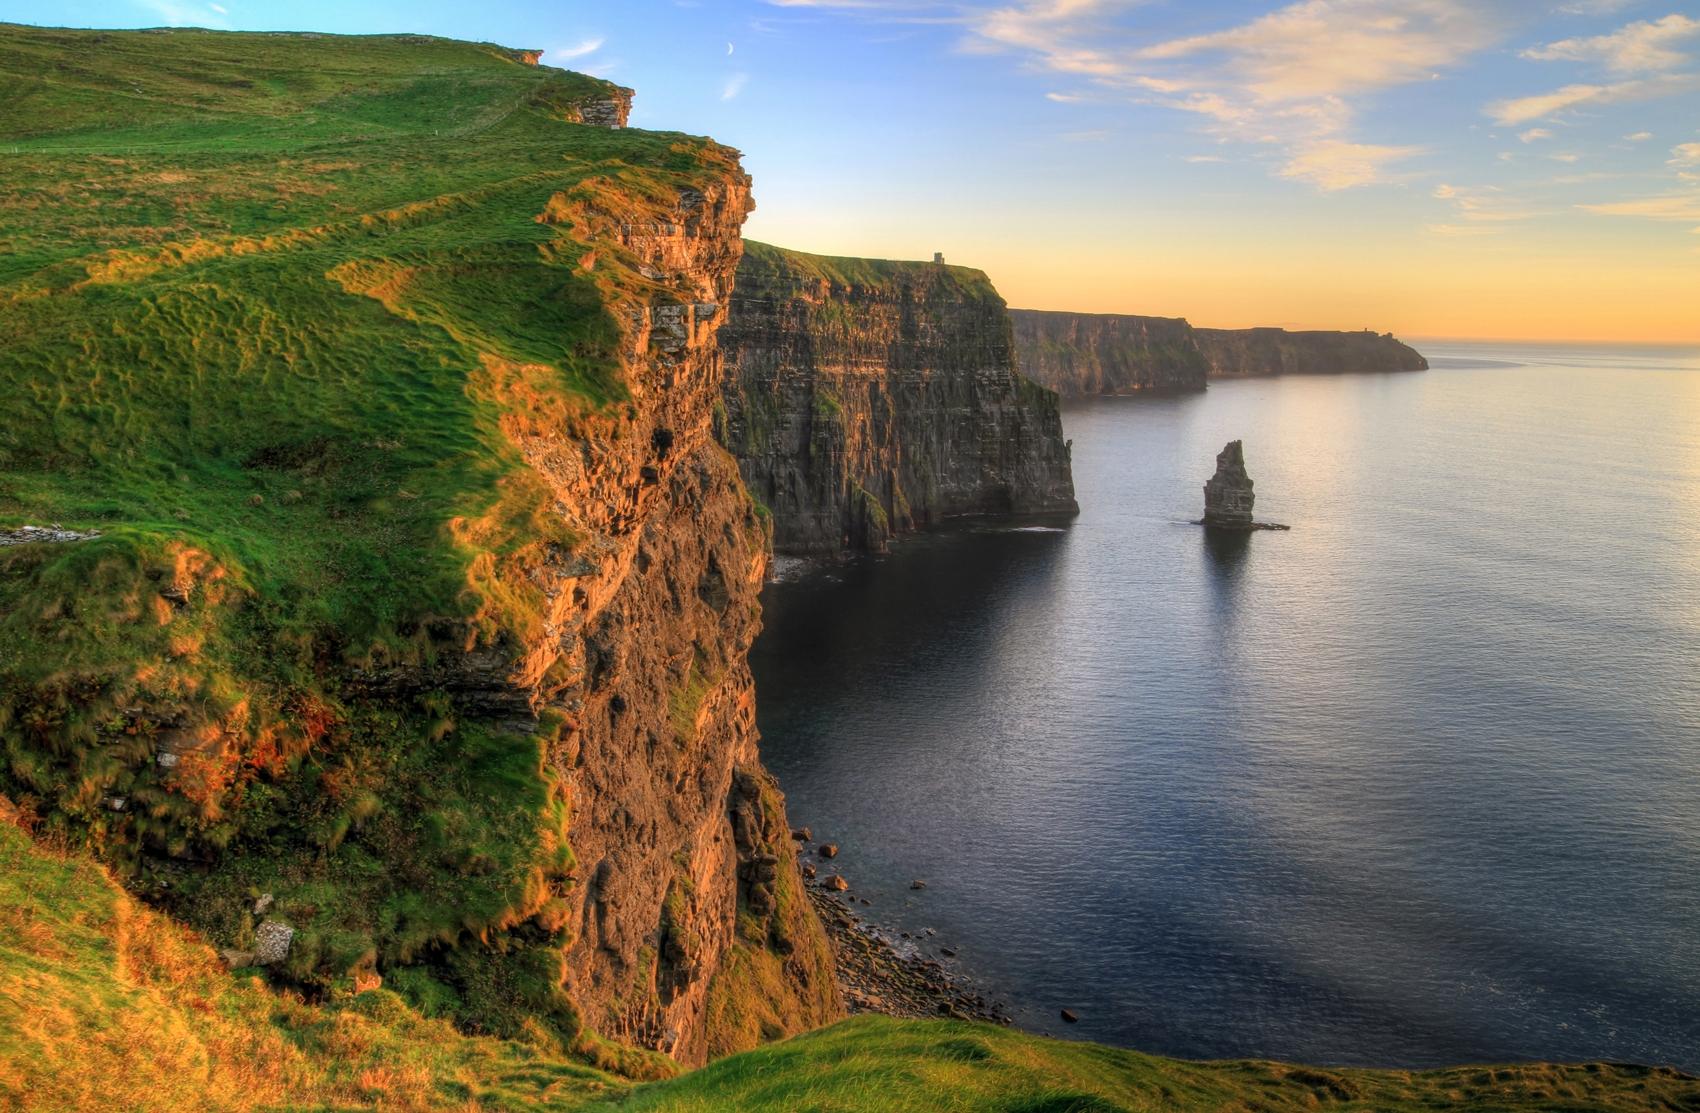 L'Irlande (et le CHU) invités d'honneur de la 90e Foire de Dijon